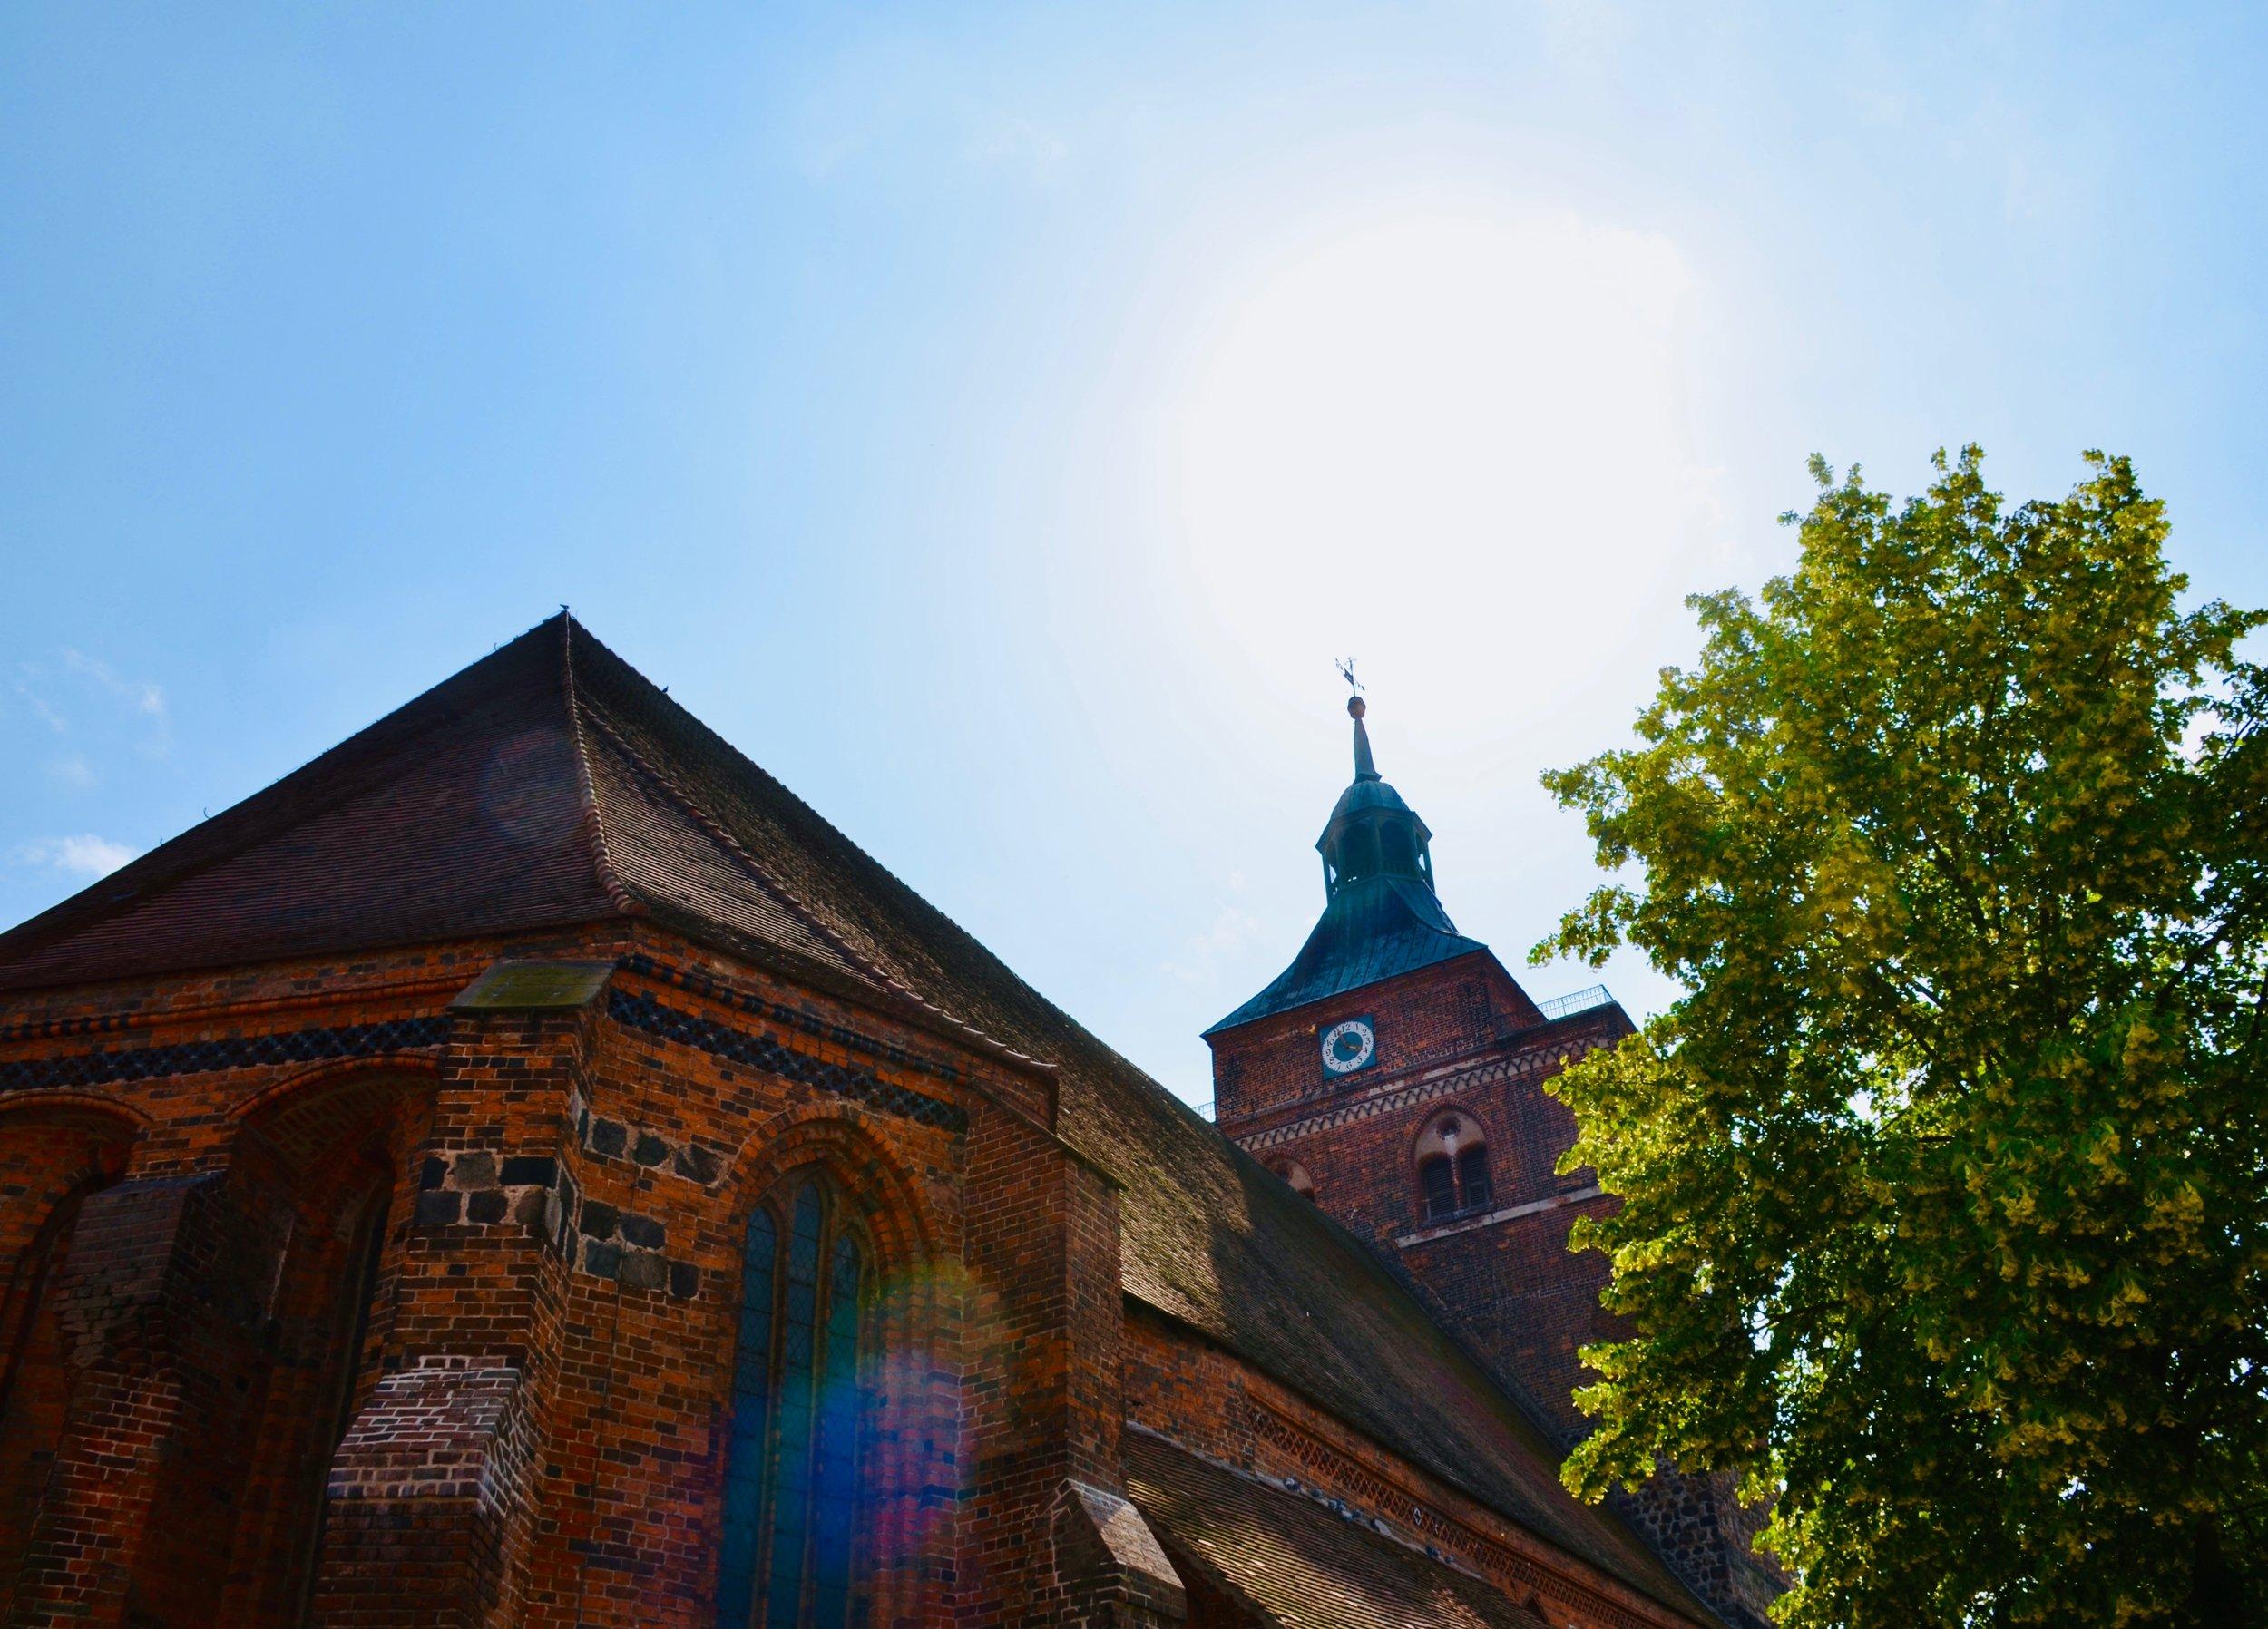 St. Nicolai-kirche, Osterburg.